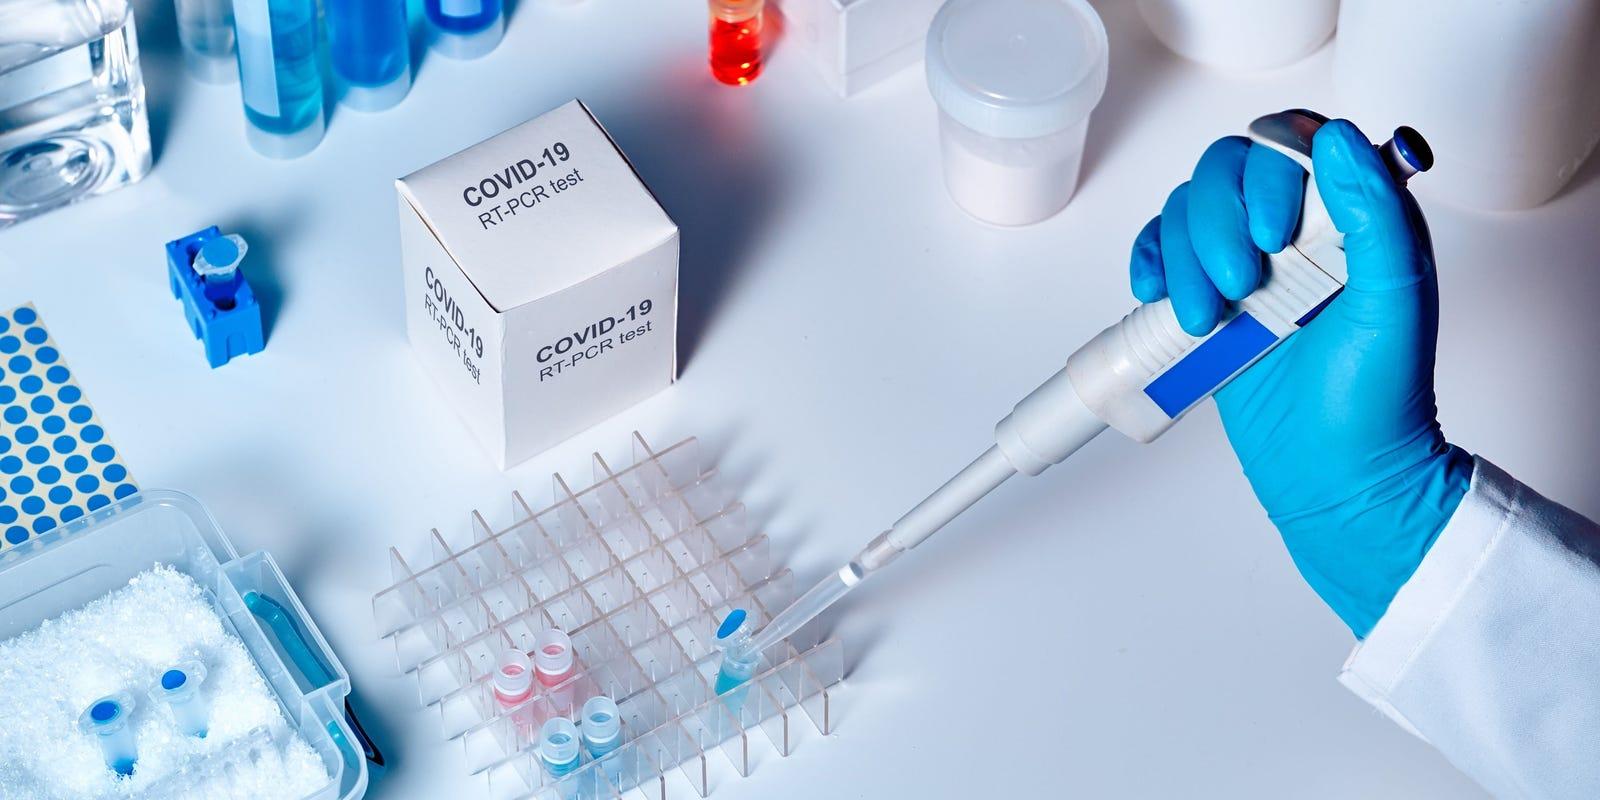 За добу на коронавірус захворіло більше чотирьох десятків вінничан